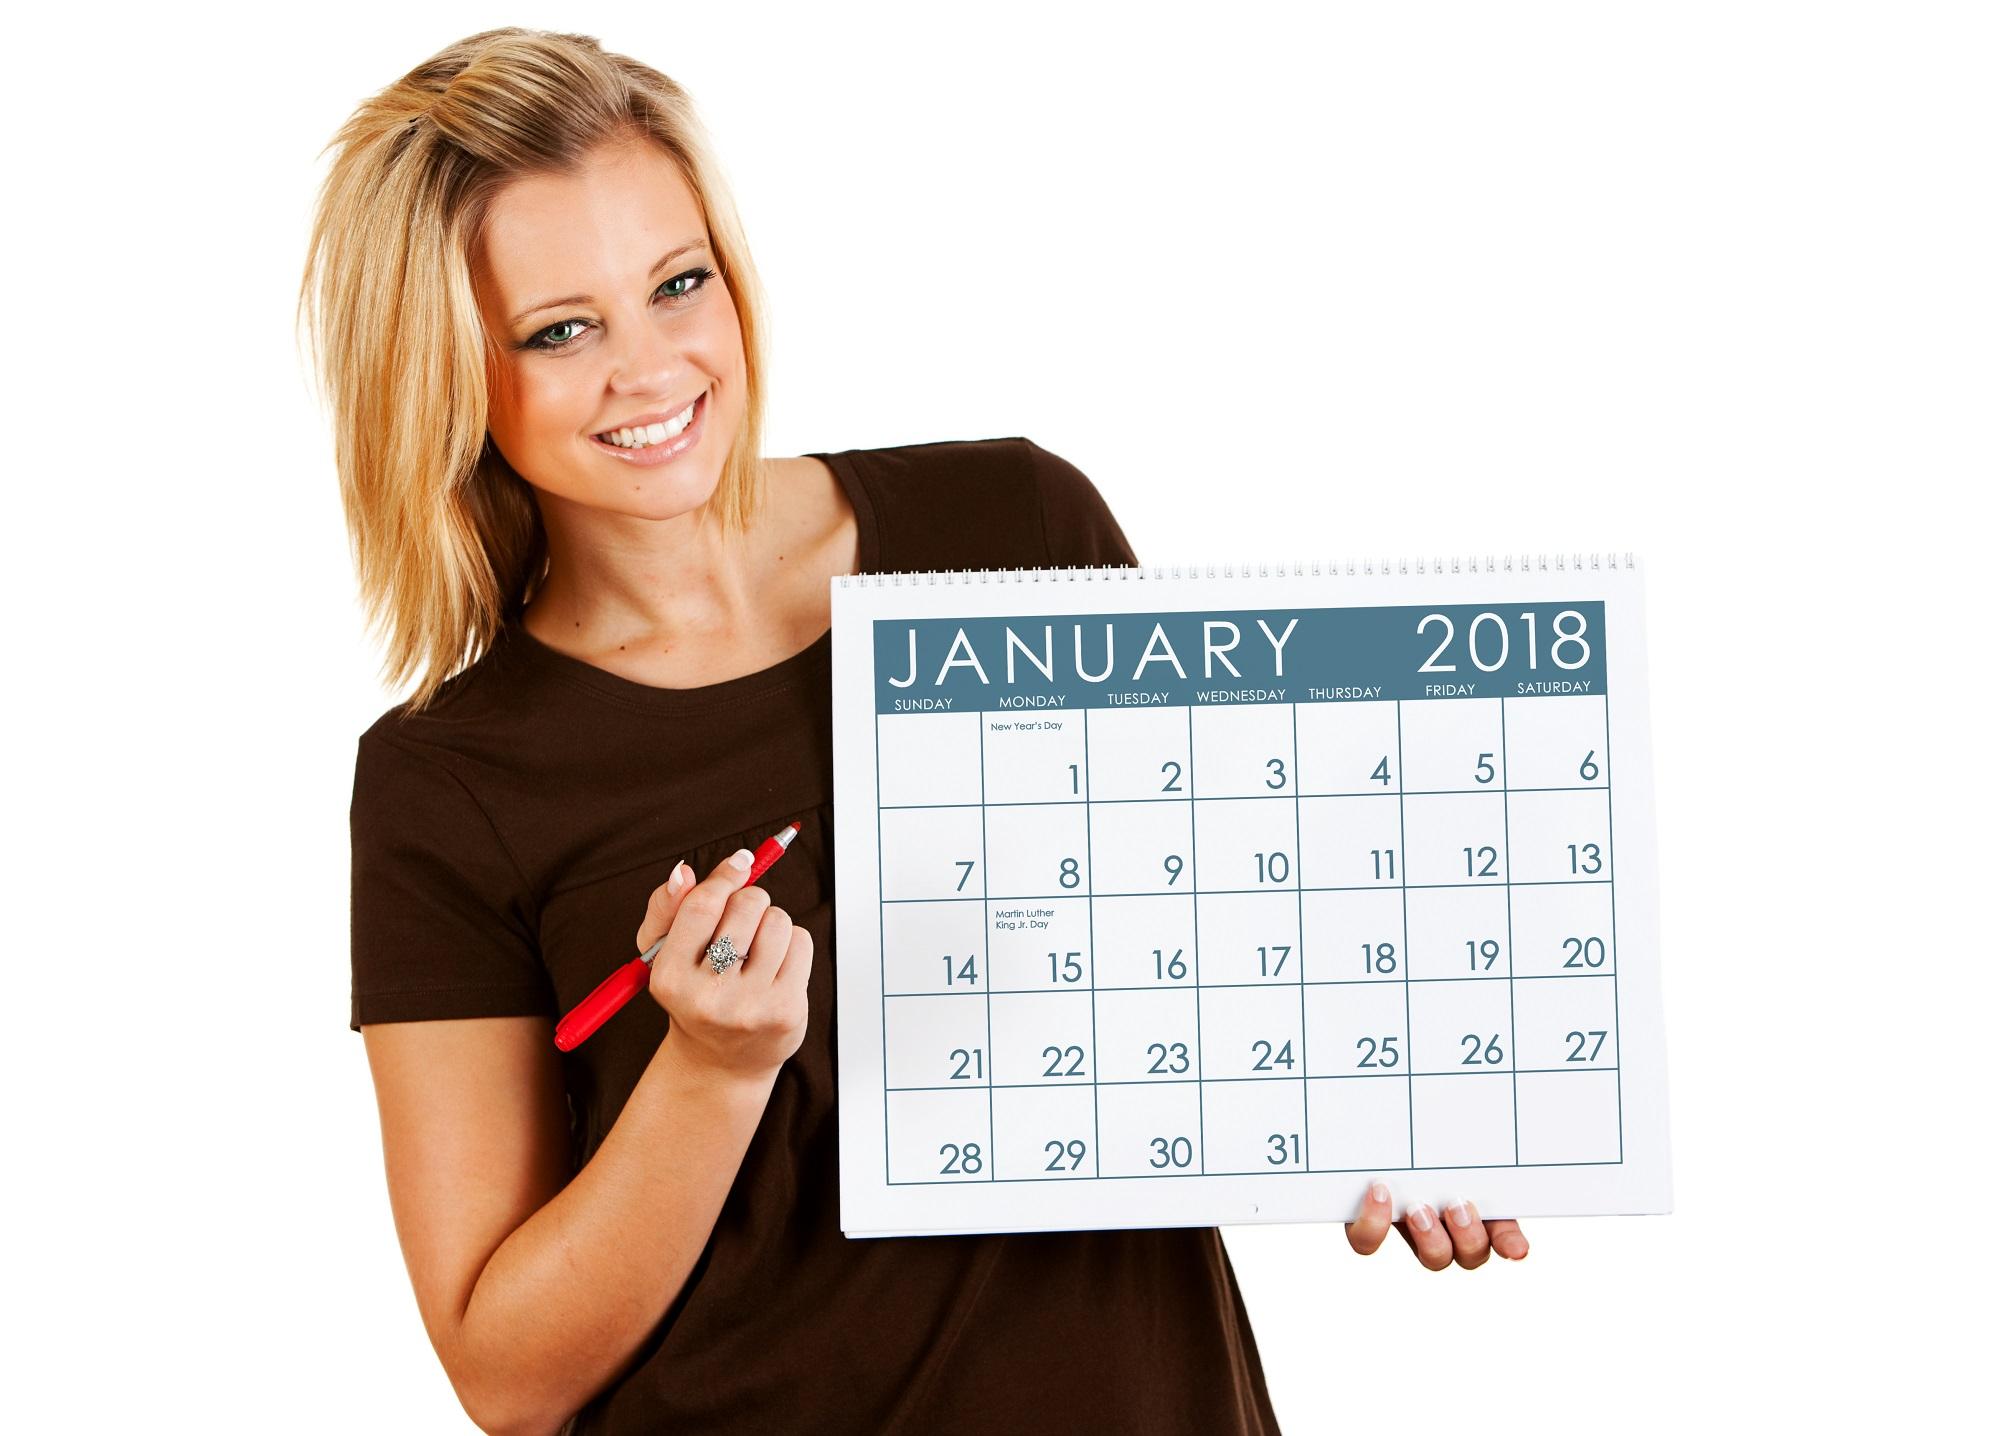 Праздники в январе 2018. Источник фото: Shutterstock